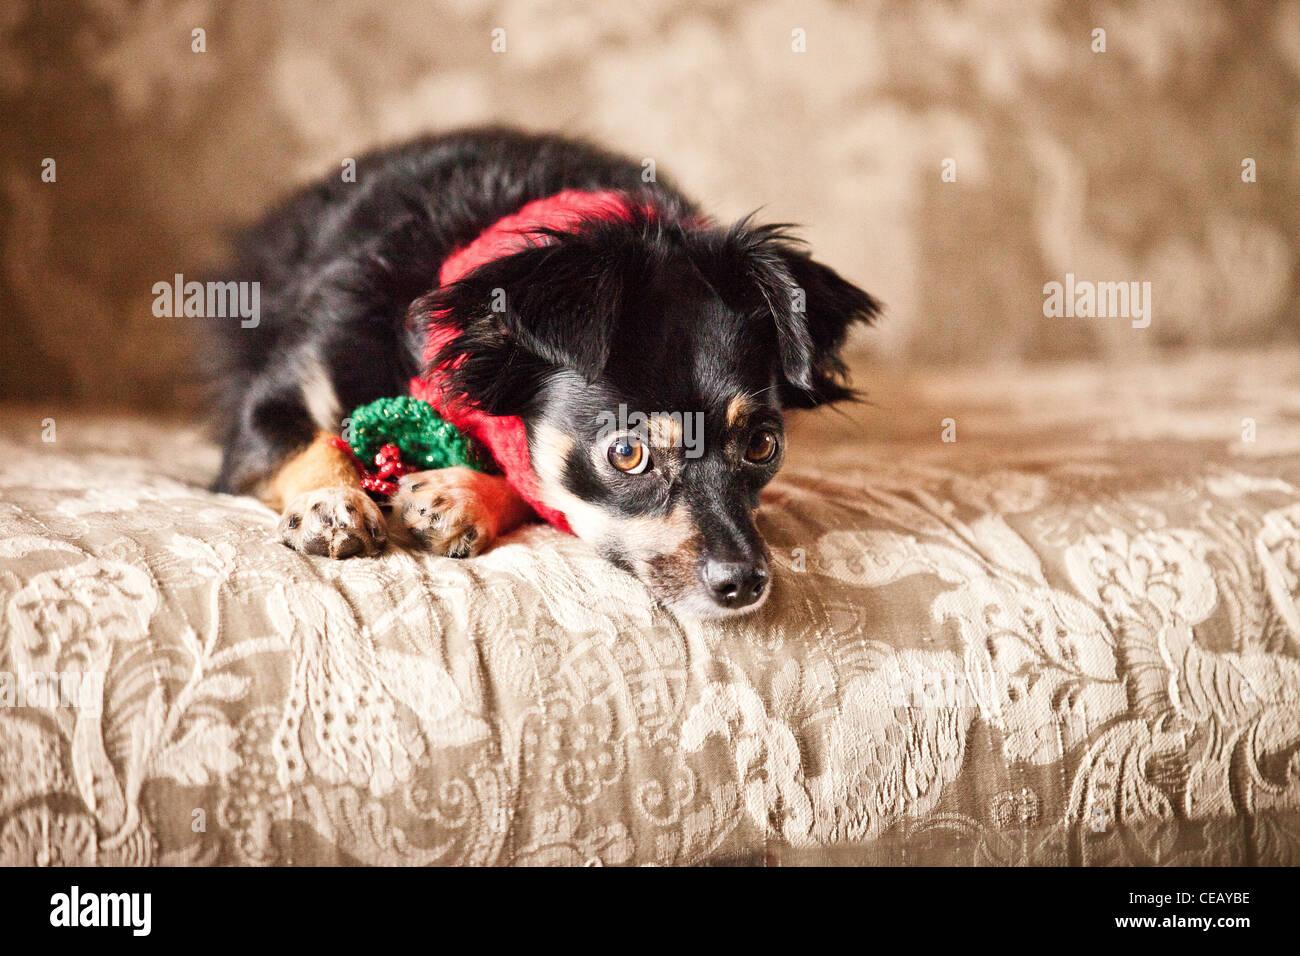 Porträt des Hundes trägt Schal Stockbild